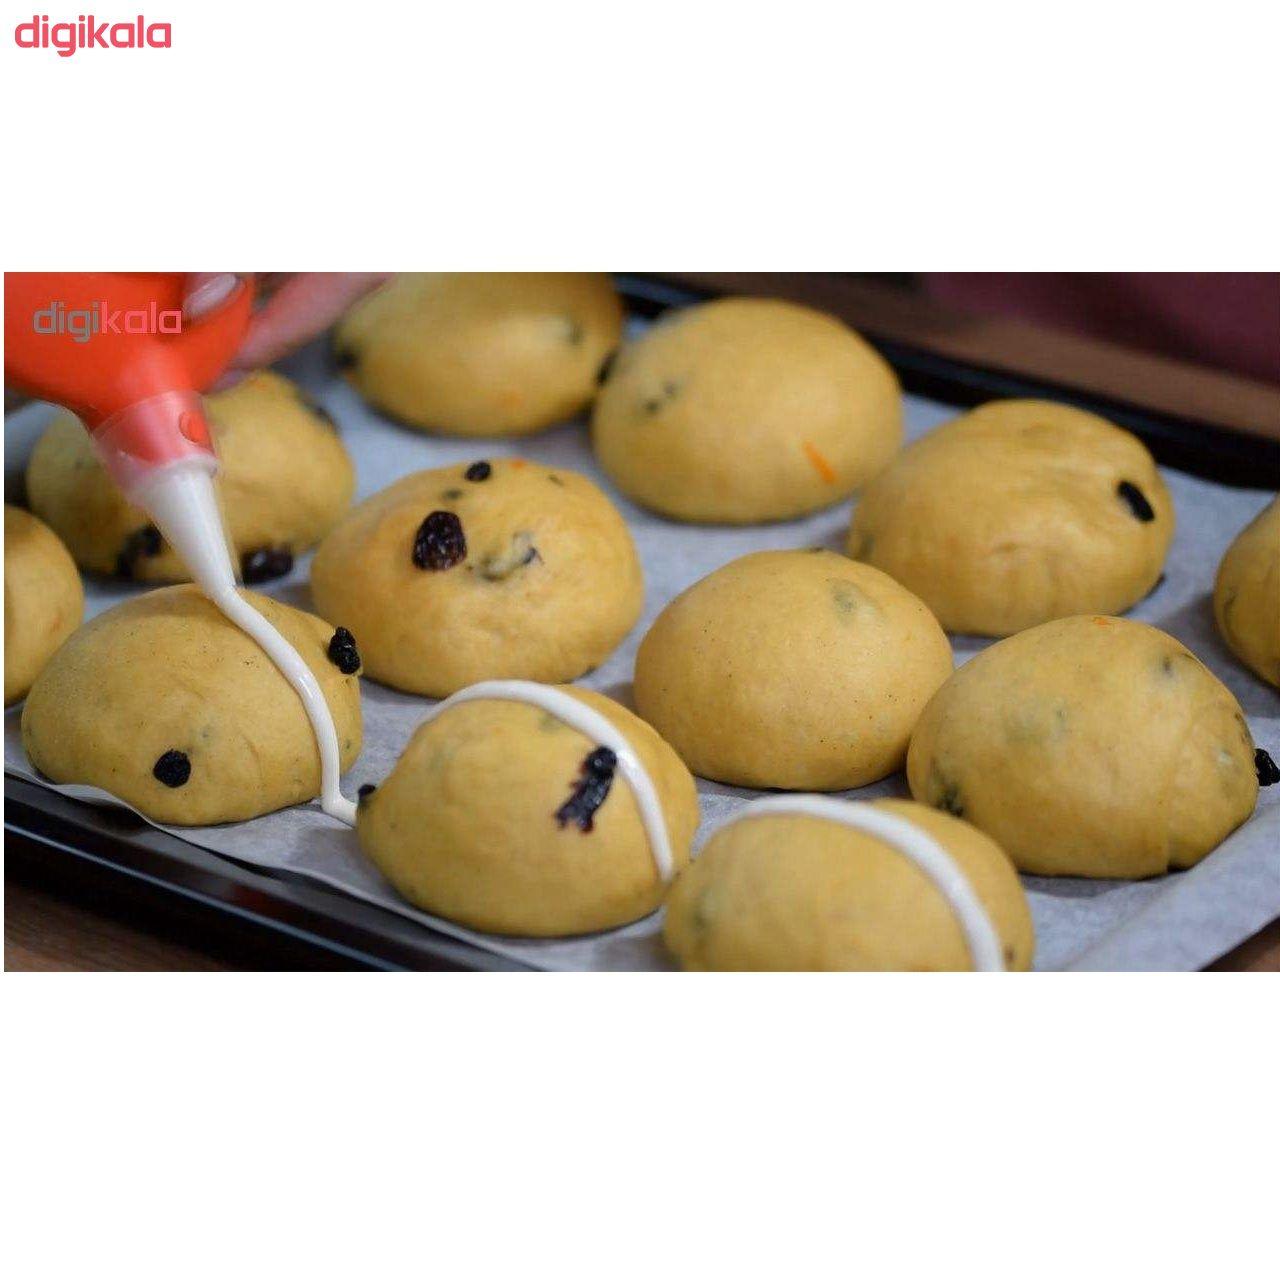 کاغذ شیرینی پزی مدل Behgaz بسته 20 عددی main 1 4